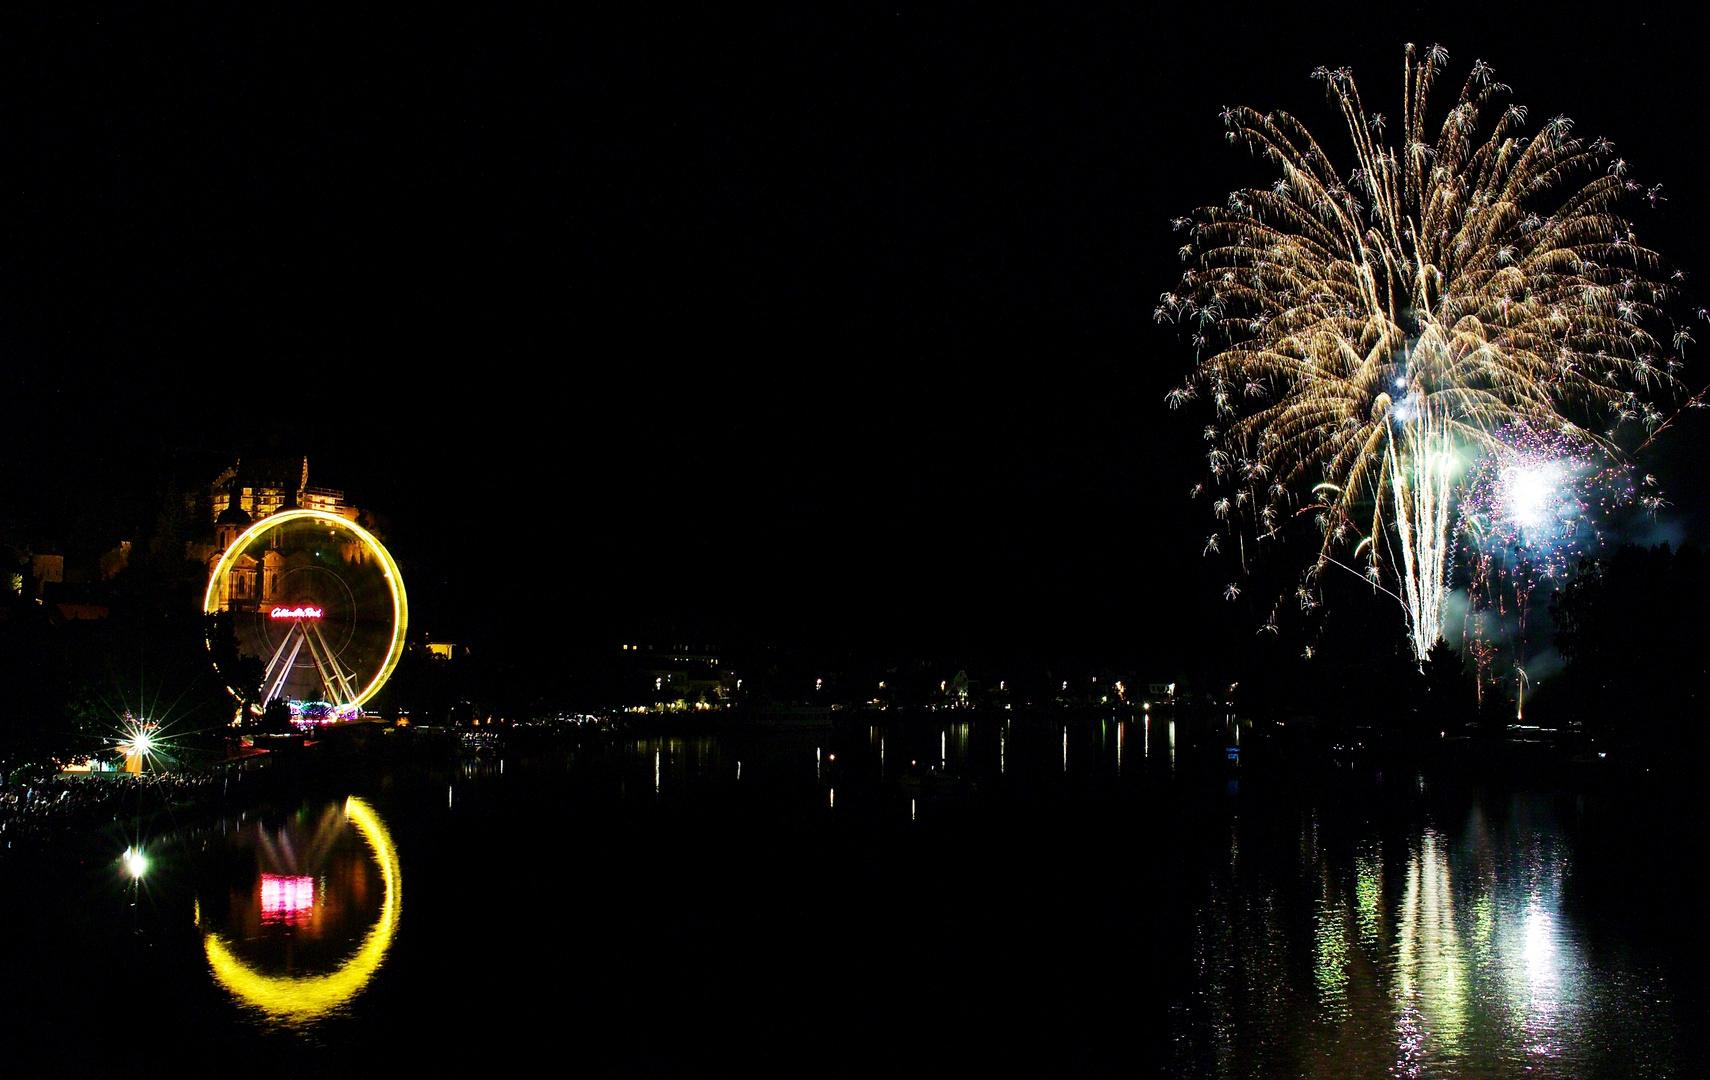 Feuerwerk mit Riesenrad, Michelsmess Miltenberg 2010